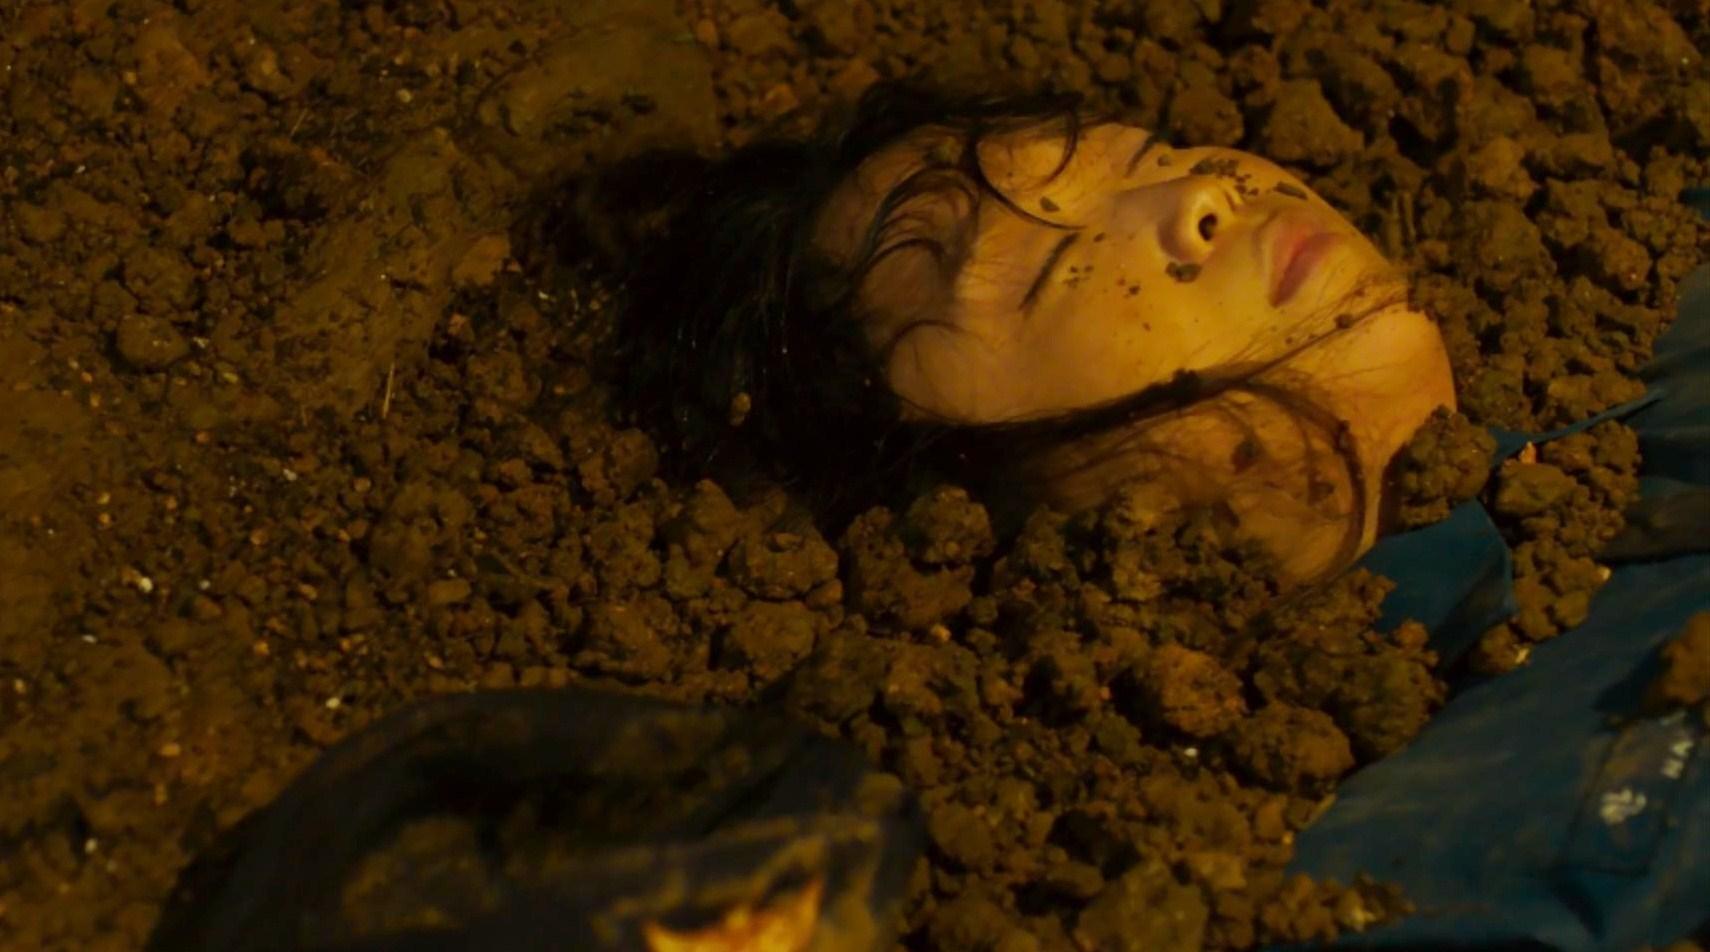 韩国电影《无声》最后的逃跑象征着是人性对社会化的一种抵抗与逃离 (6)